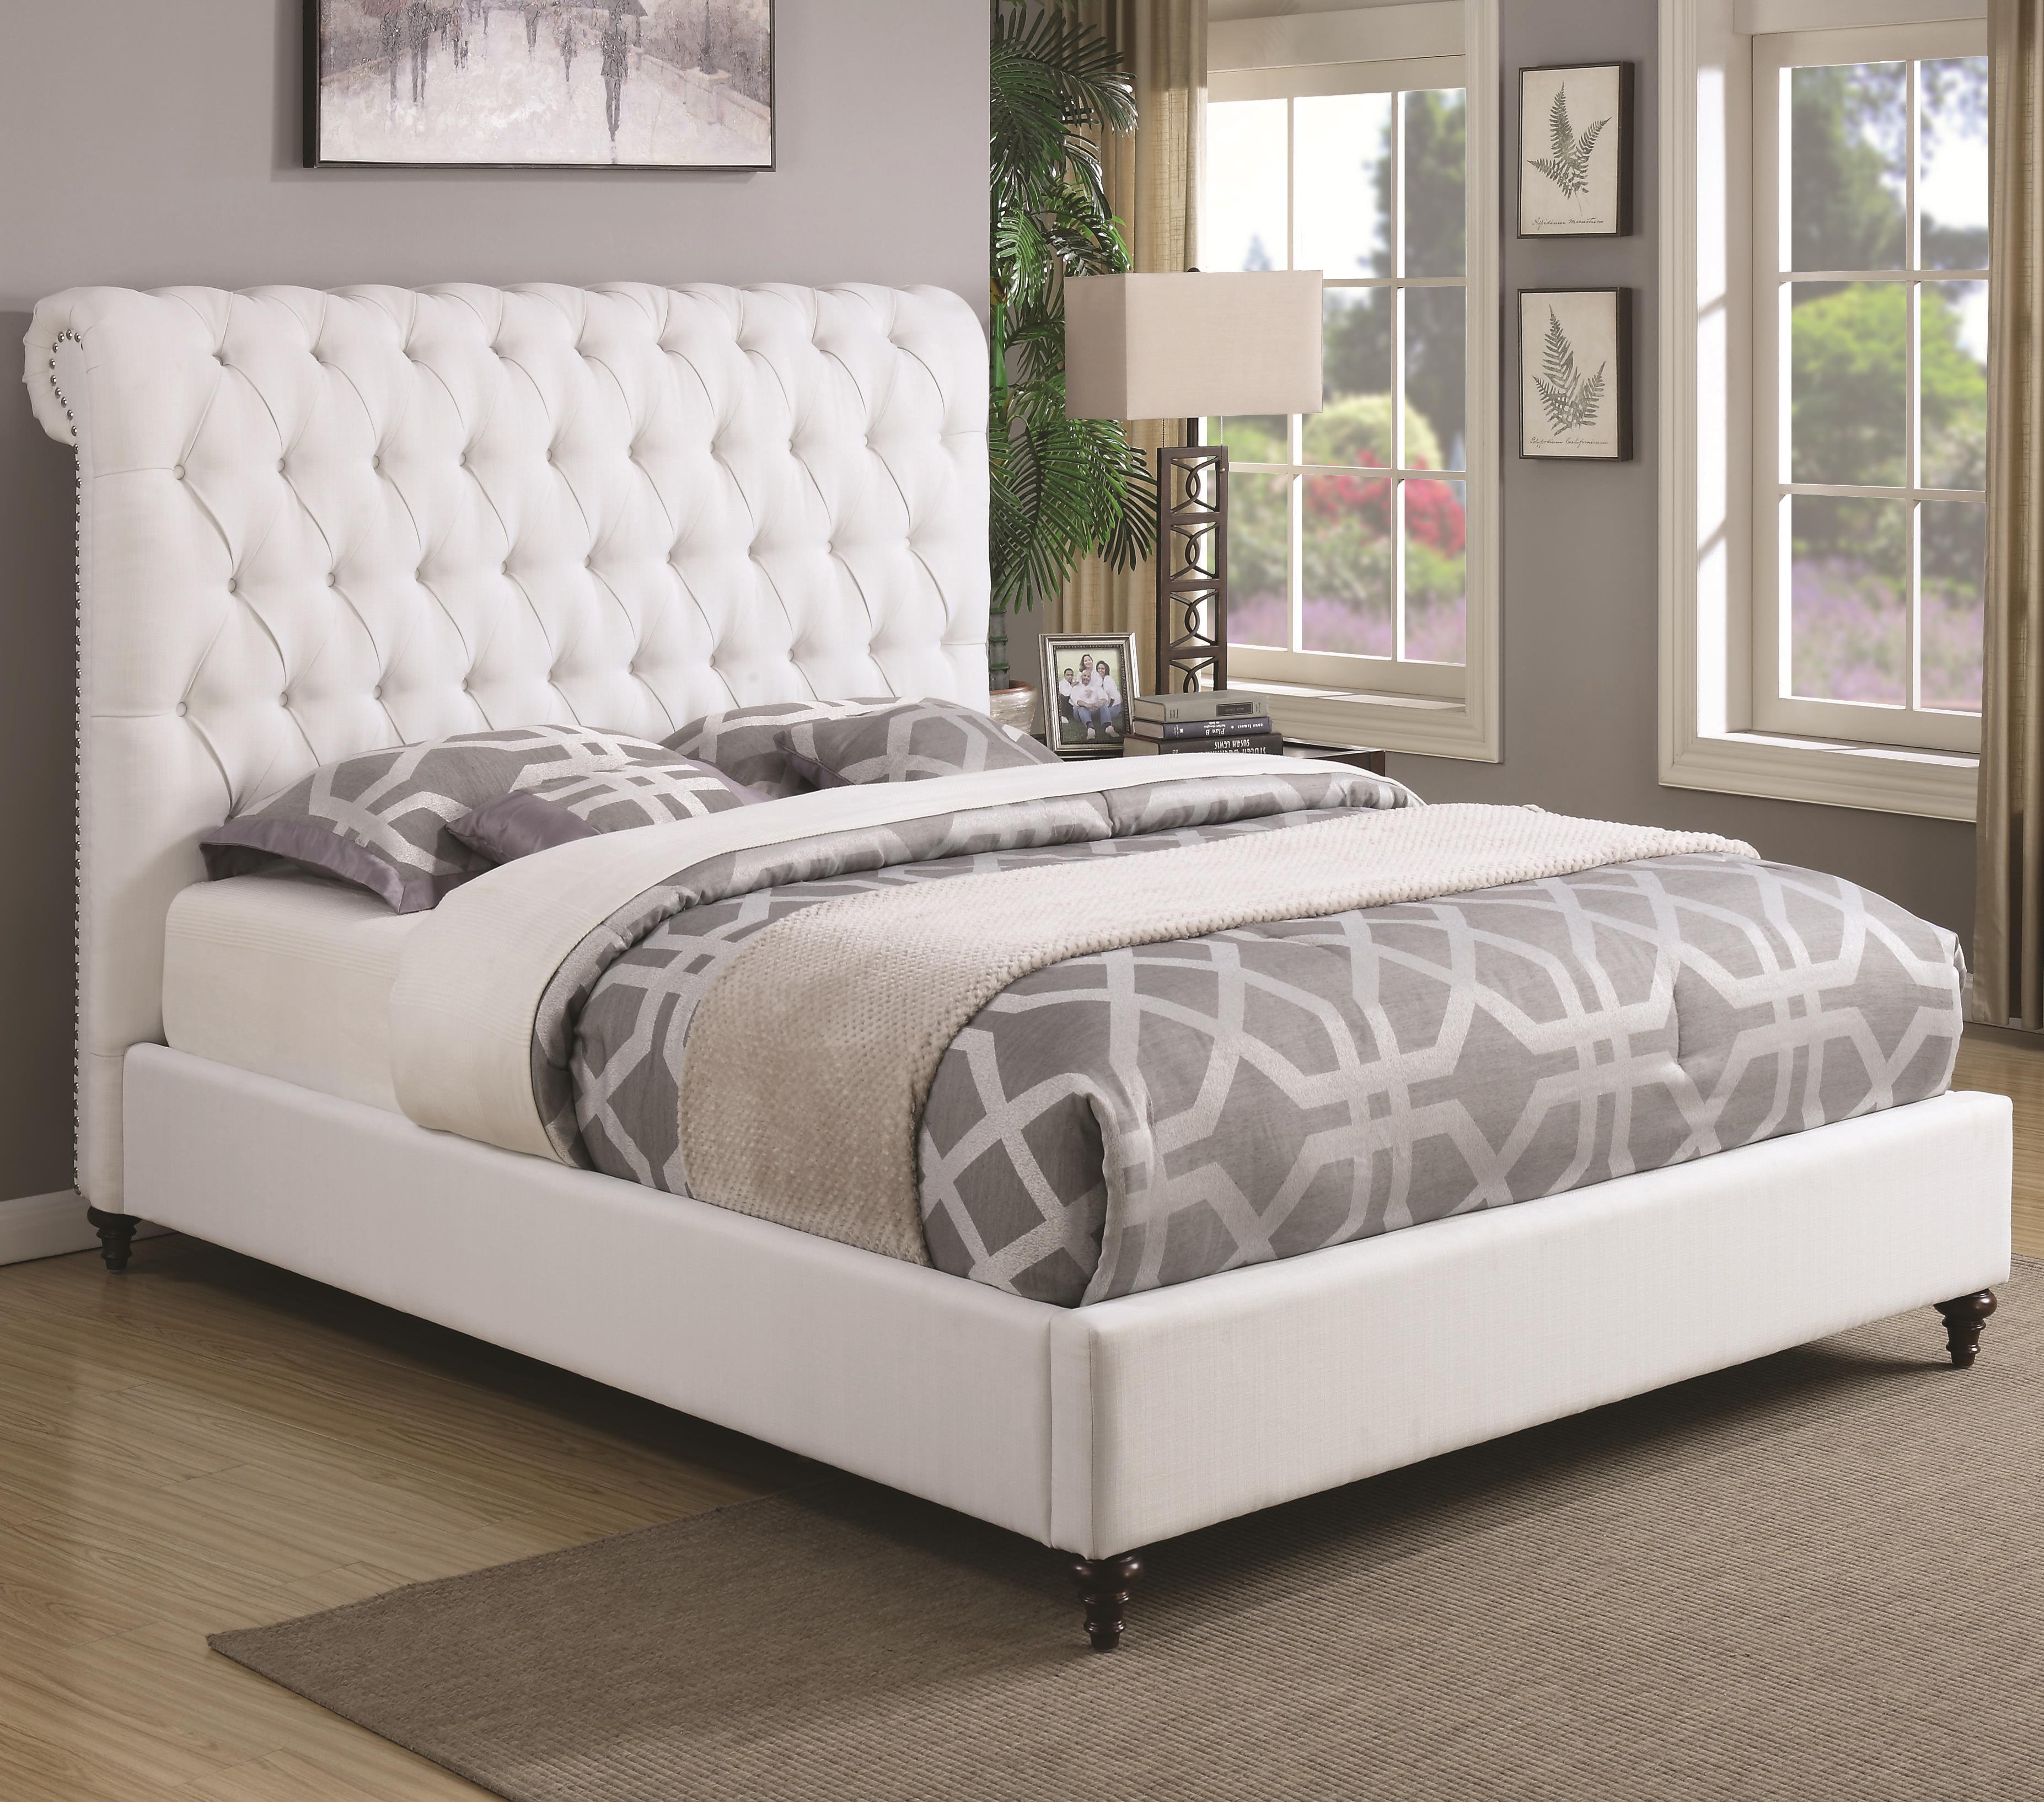 Coaster Devon California King Upholstered Bed - Item Number: 300526KW